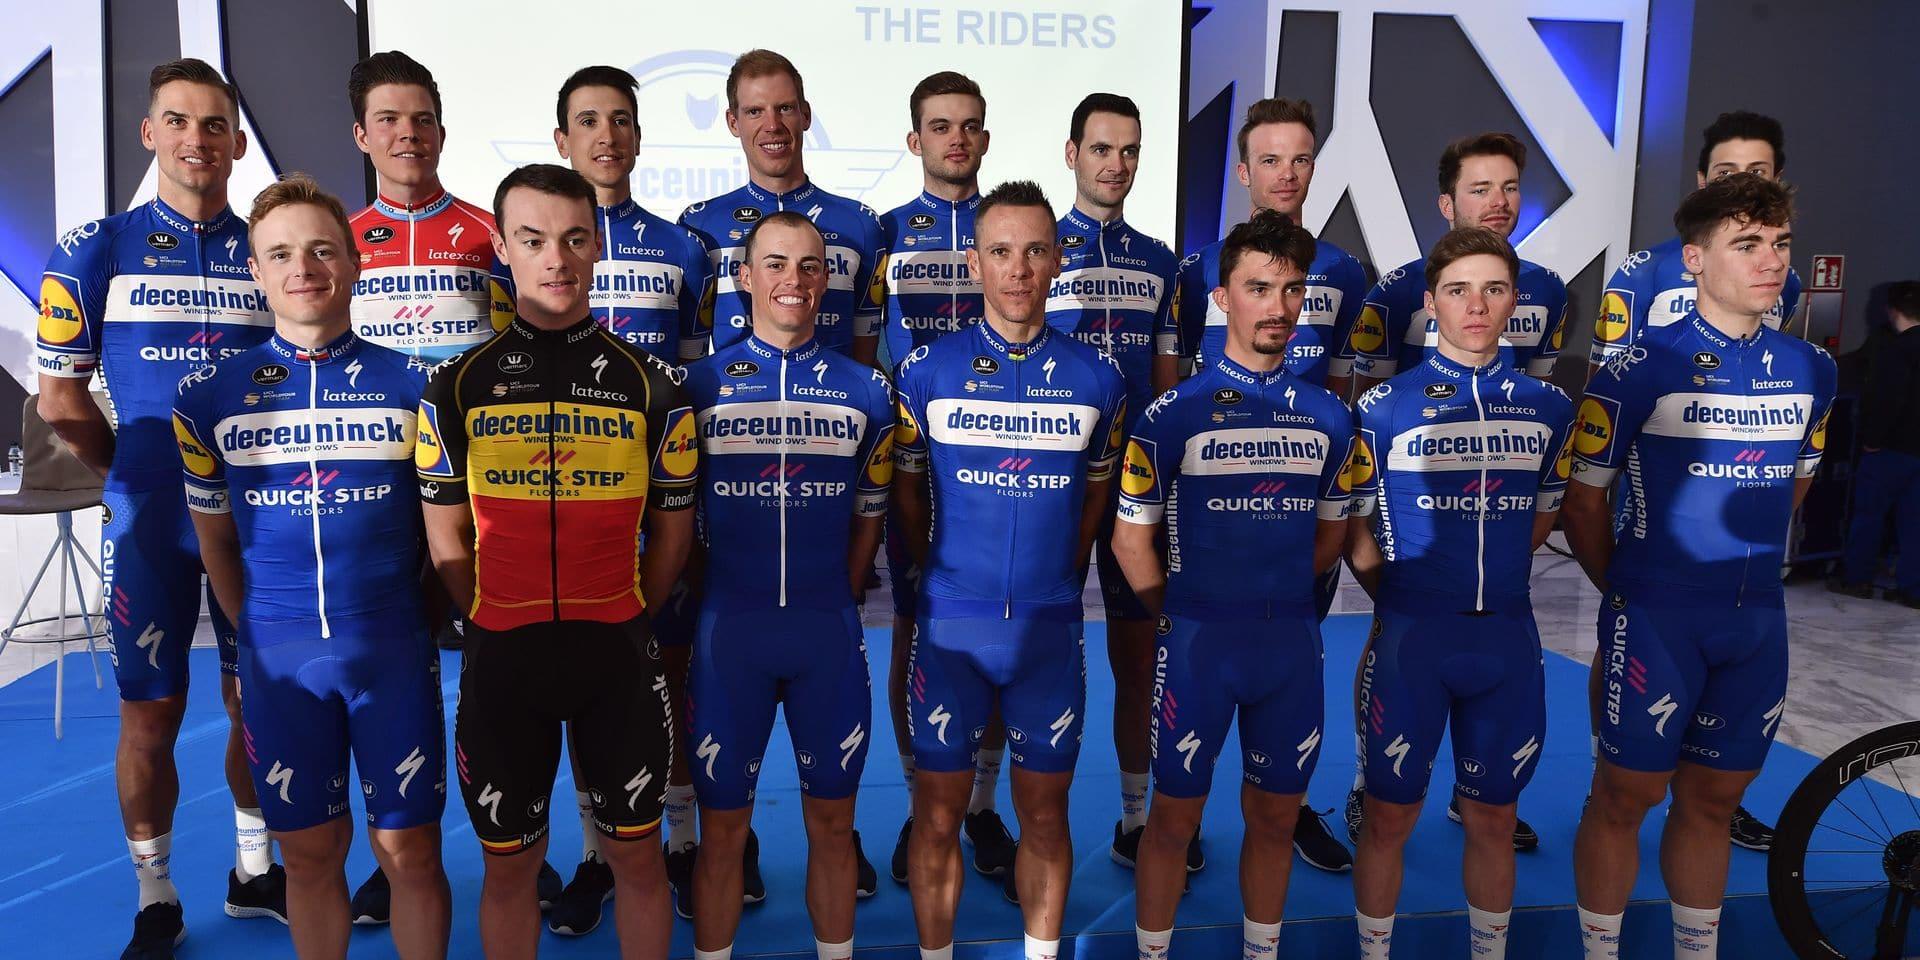 La Team Deceuninck-Quick-Step sous l'oeil du boss Patrick Lefevere